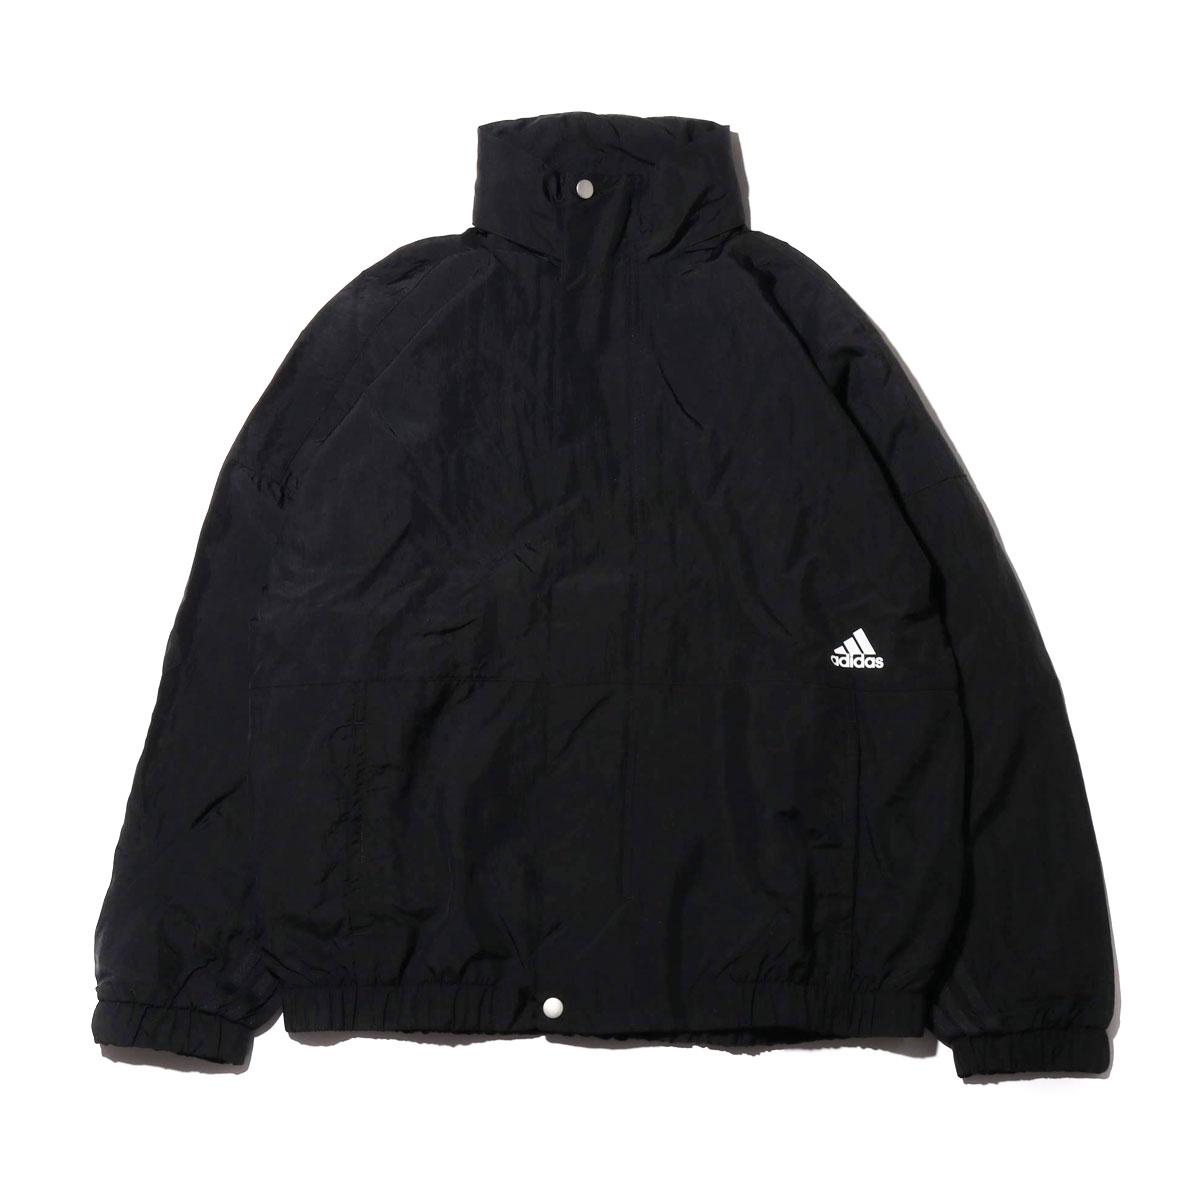 メンズファッション, コート・ジャケット adidas Athletics for atmos WOVEN JACKET(BLACK)( )19FW-S